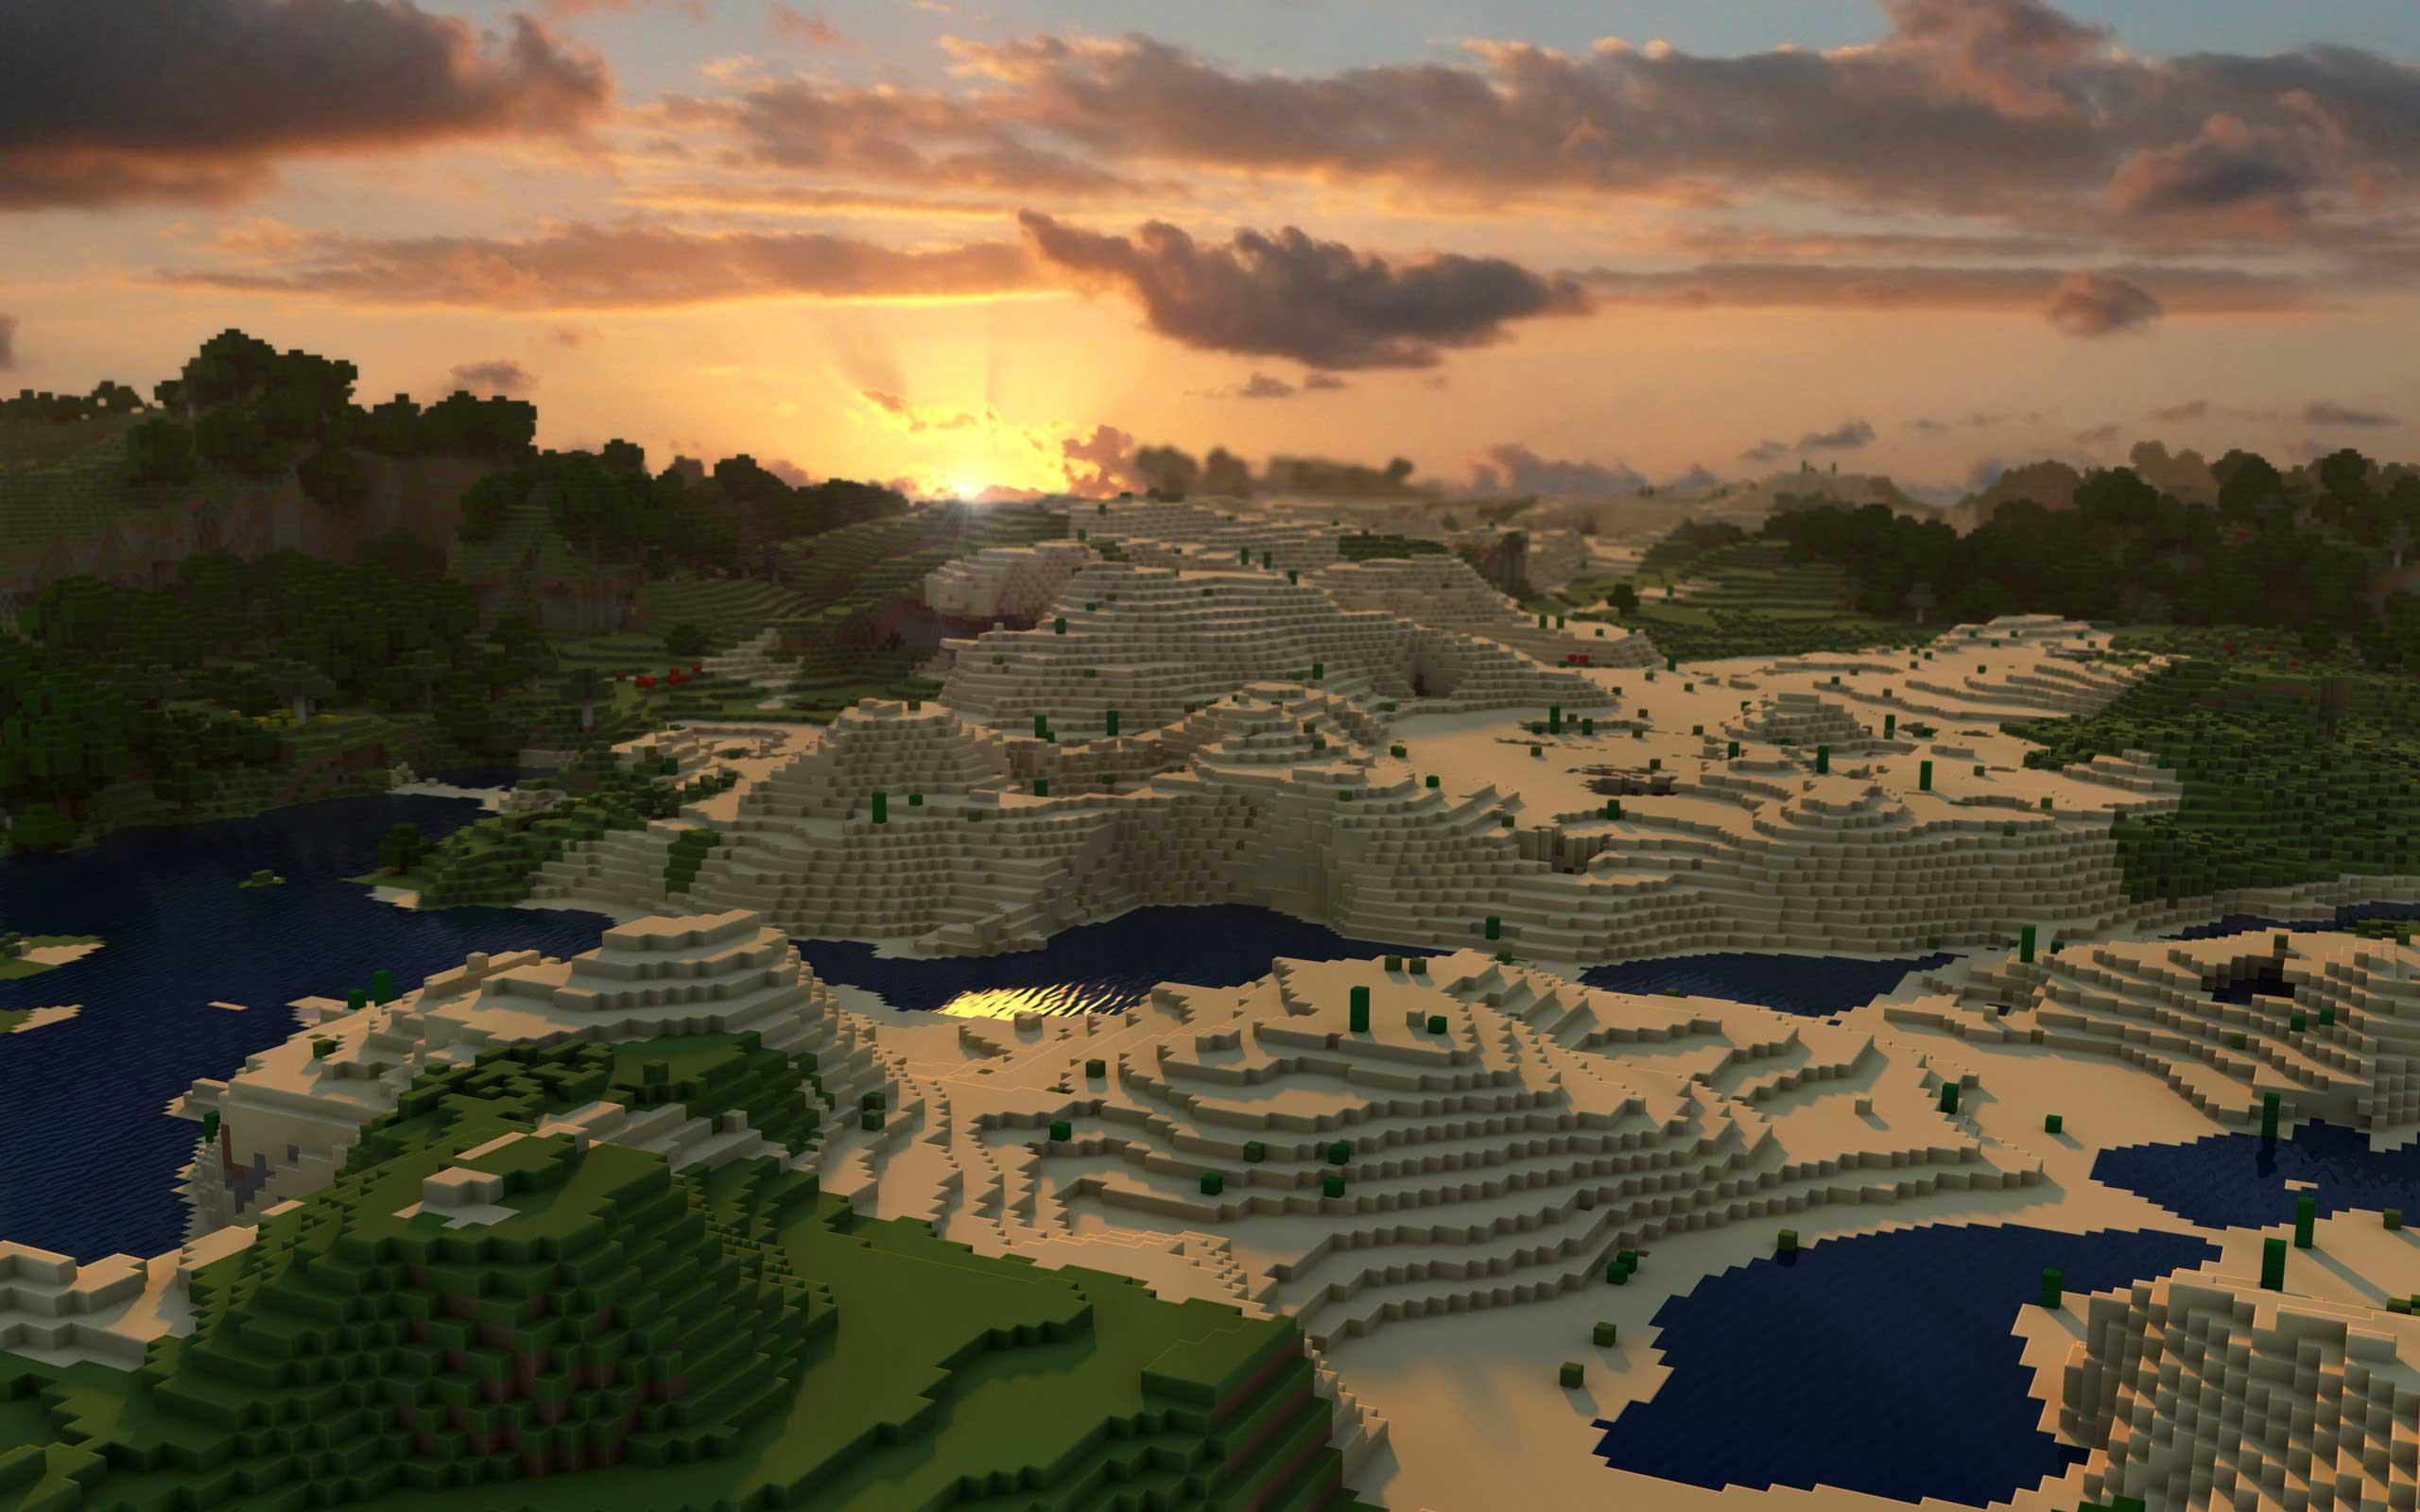 《我的世界》风景秀丽的高清壁纸 第一弹_图片新闻